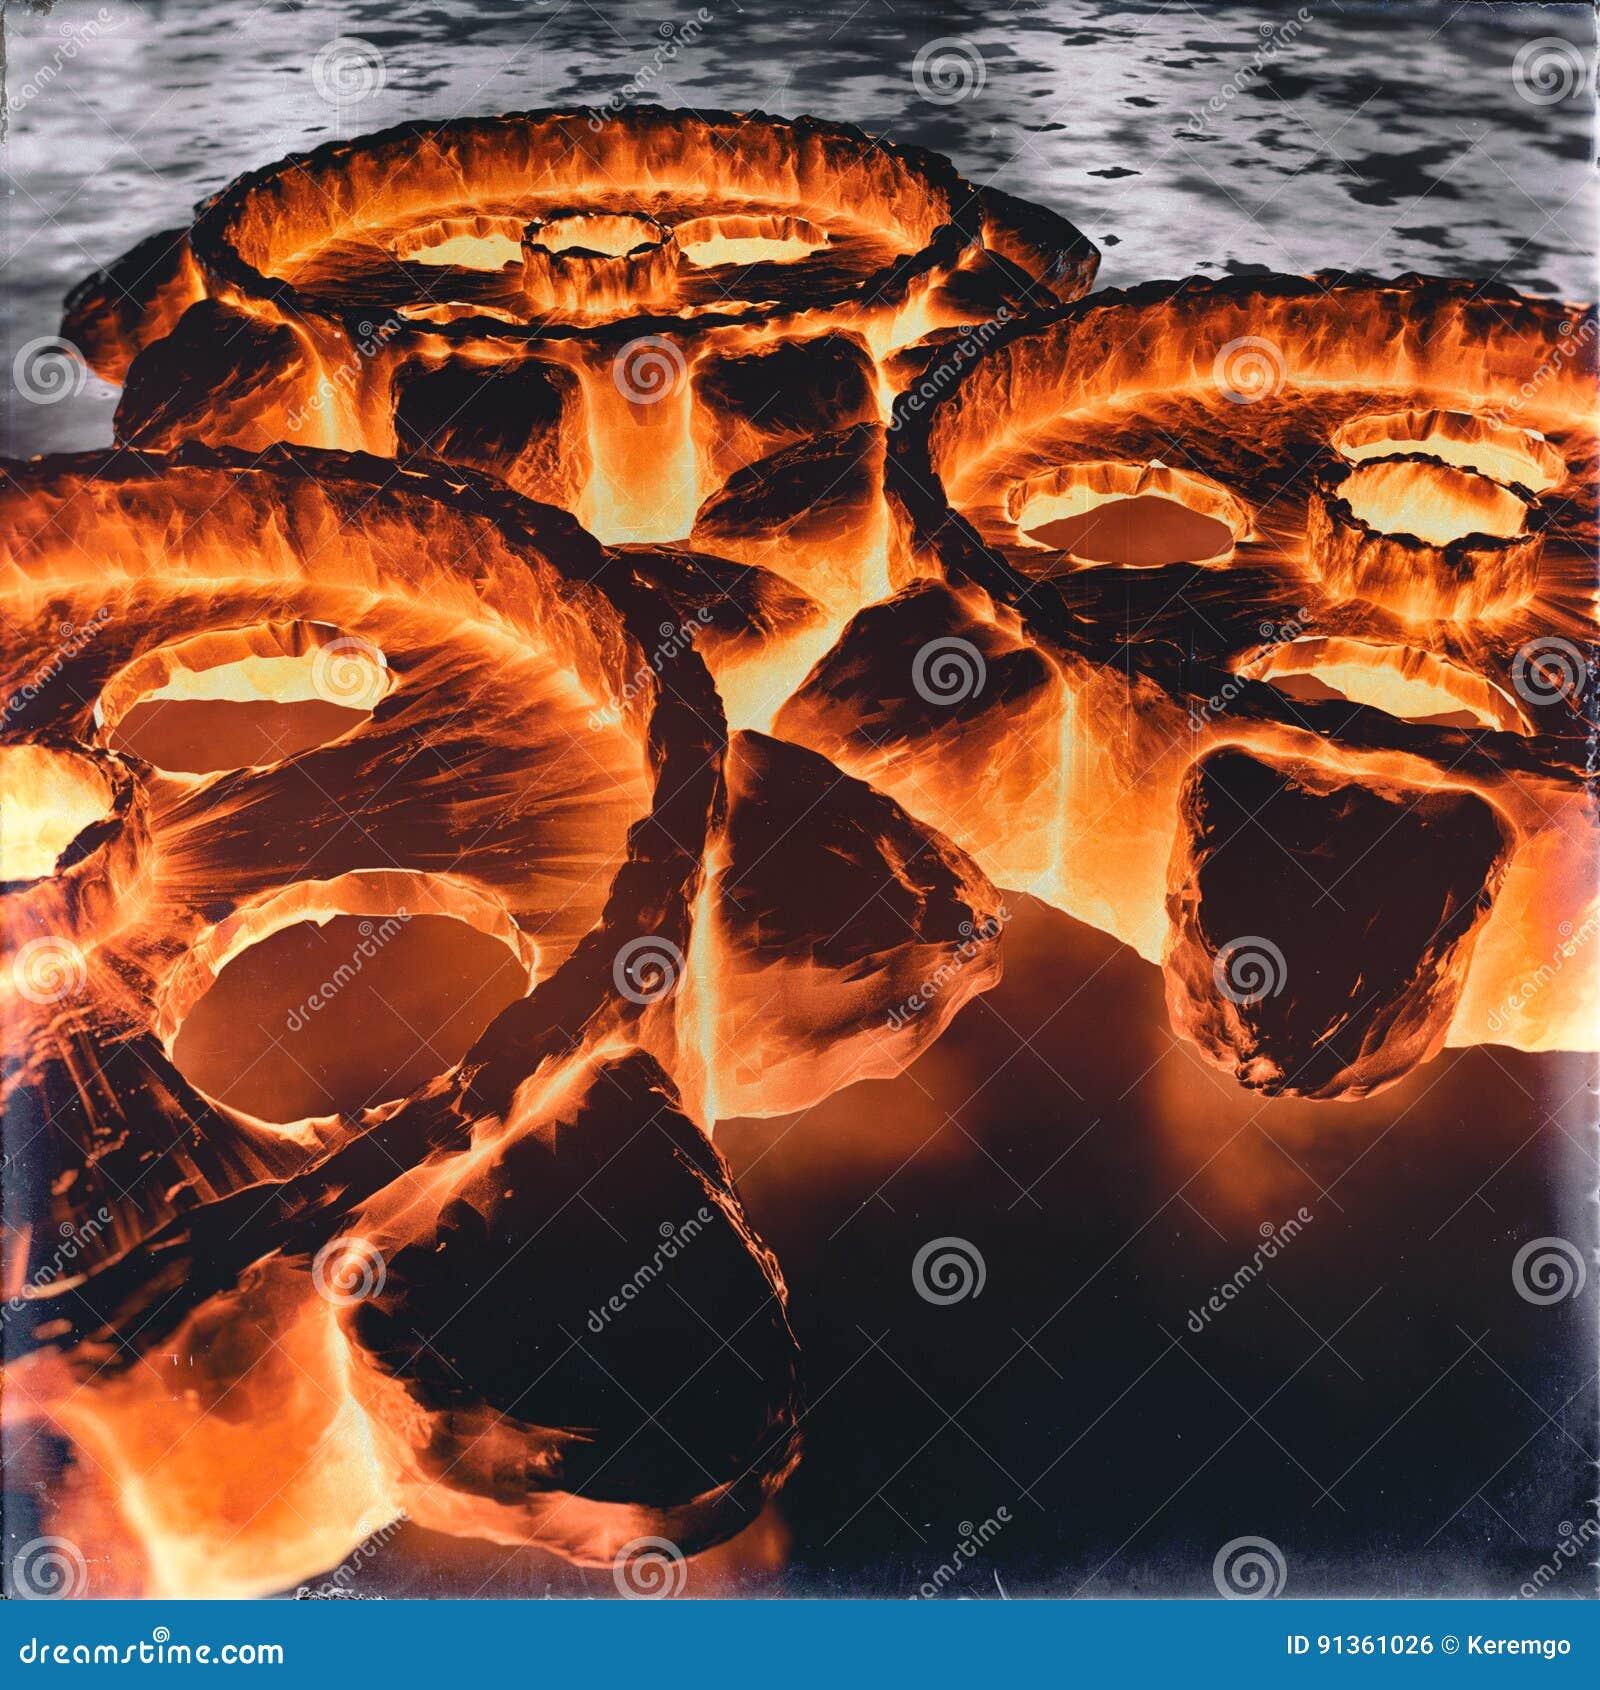 Fire Cog Wheel Background